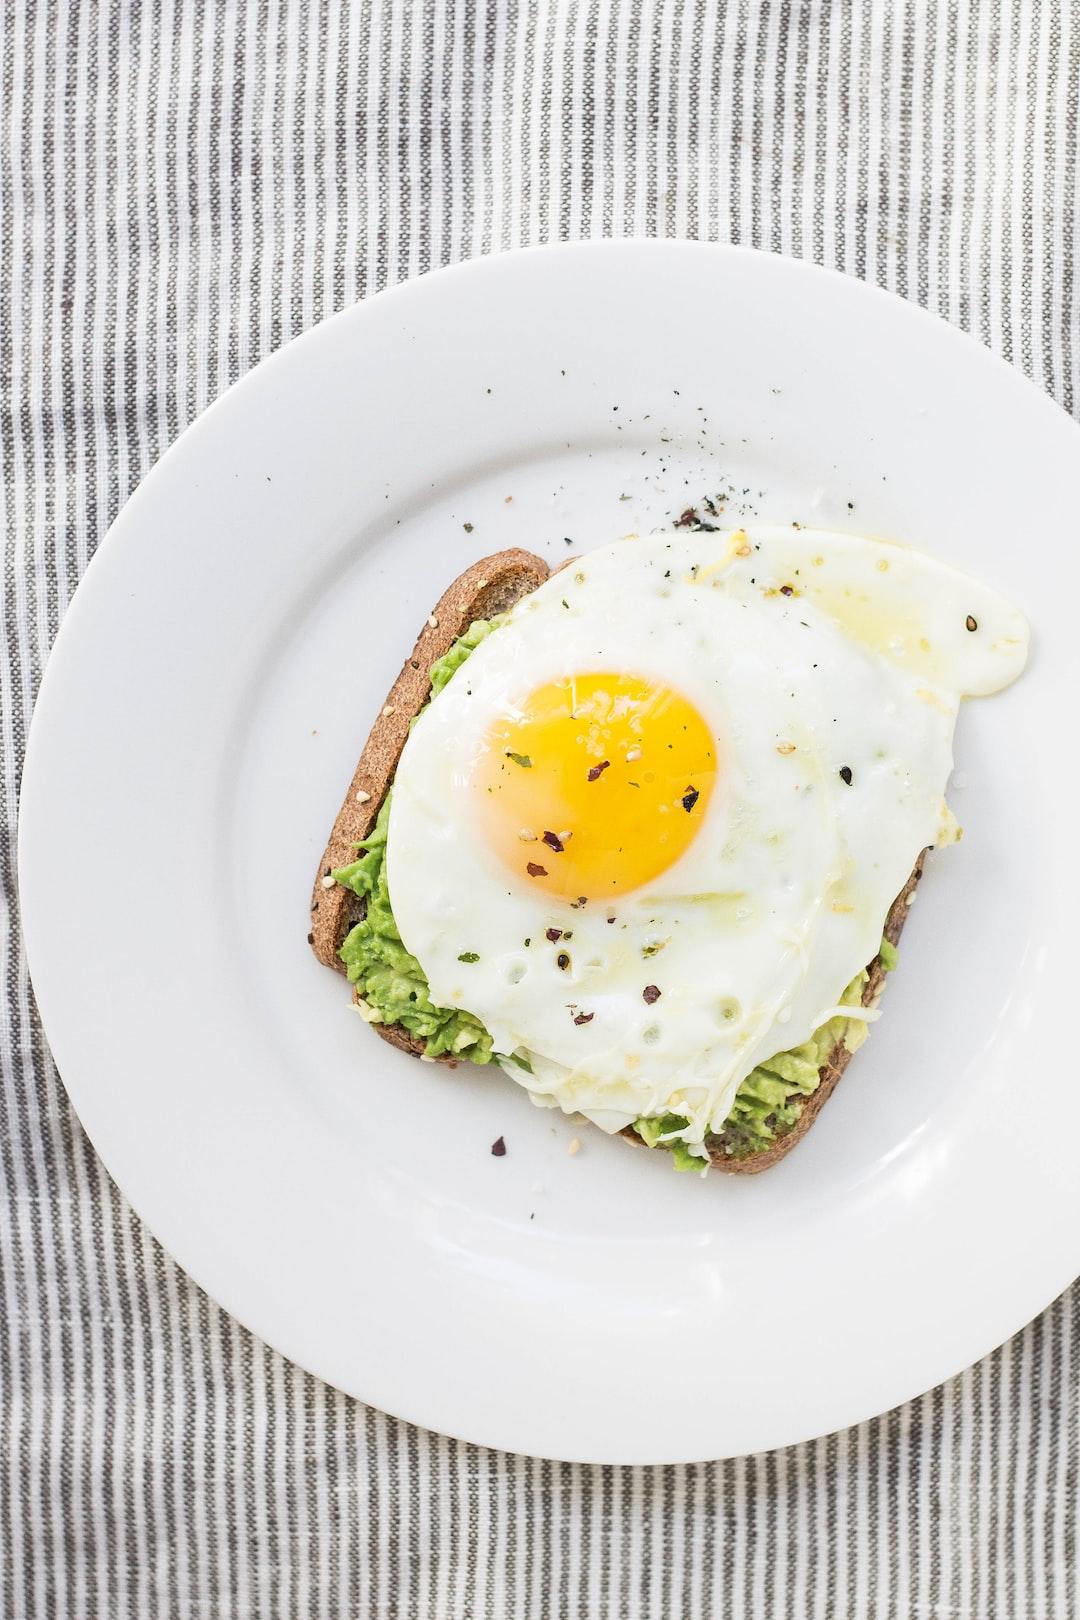 Egg on toast on plate